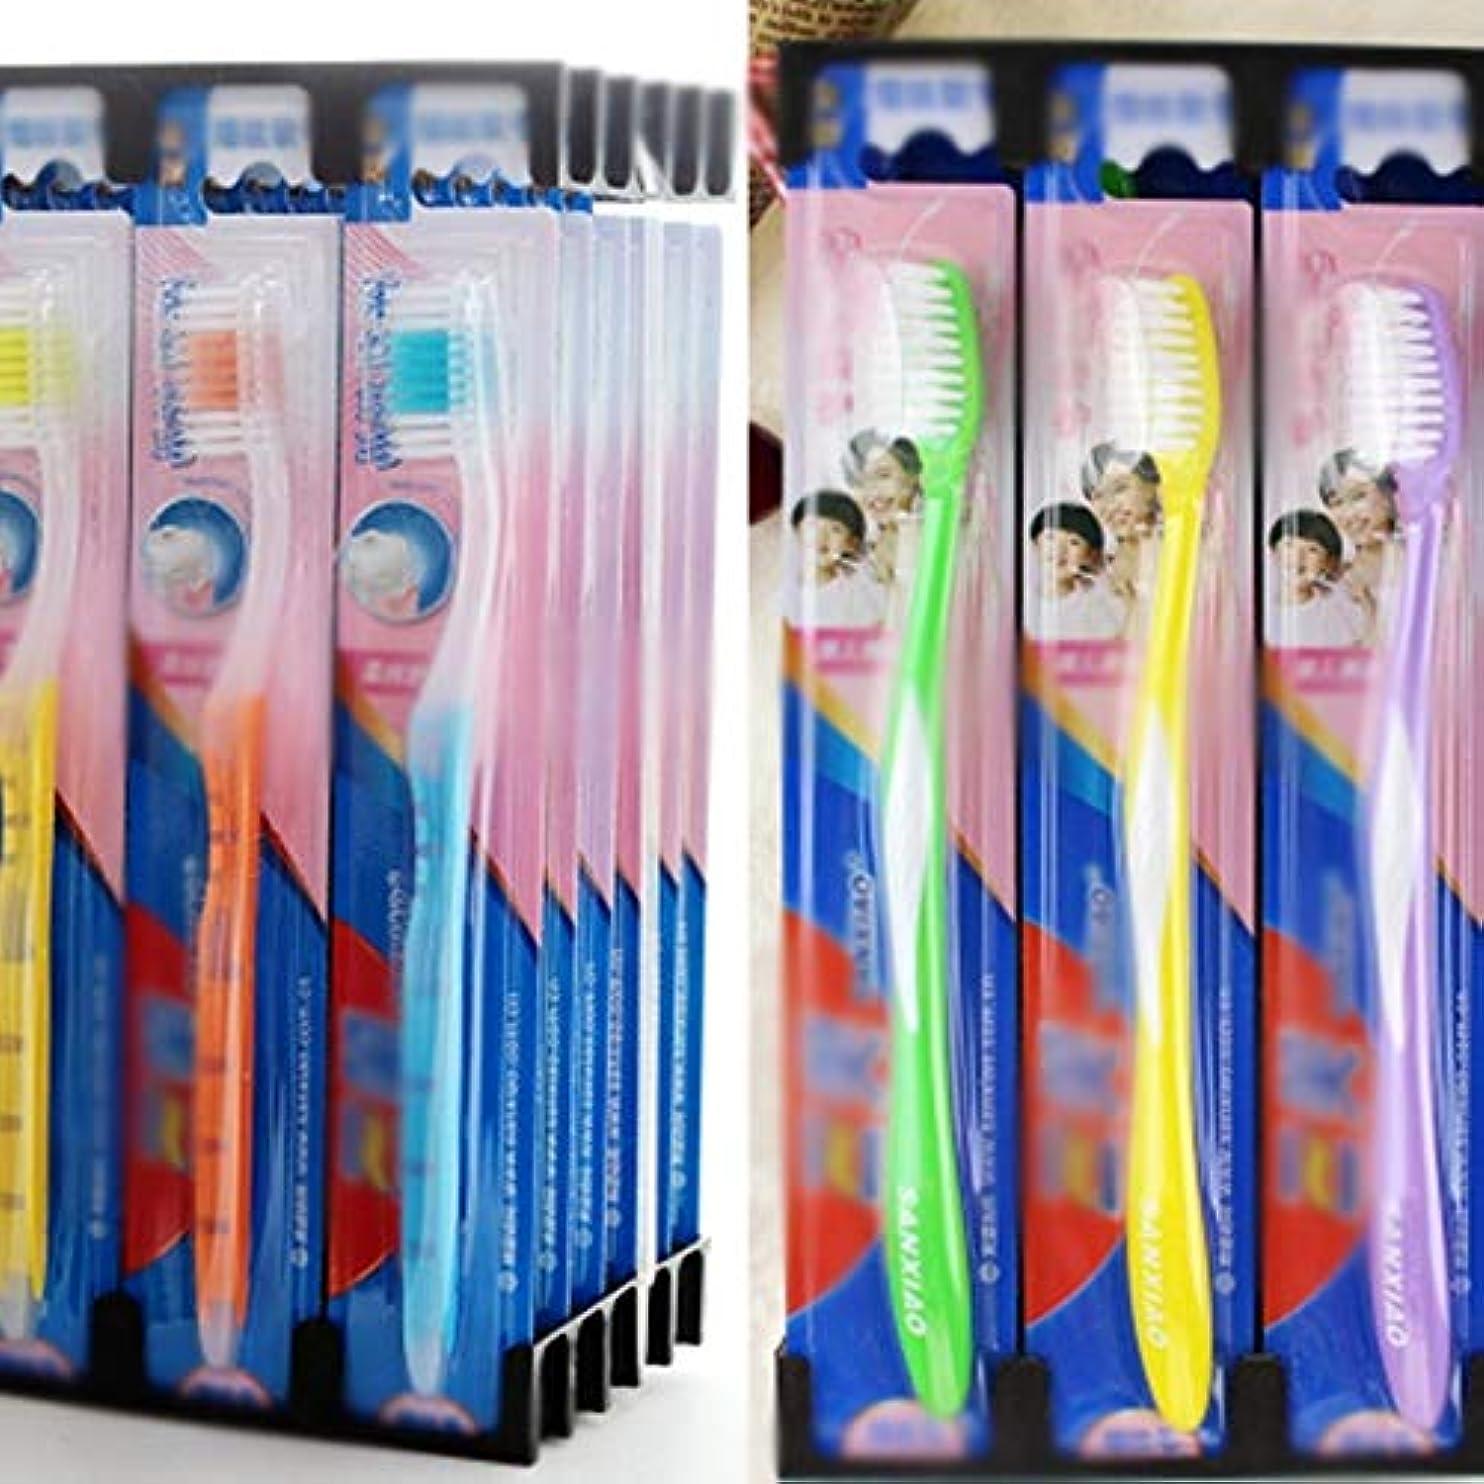 生理くすぐったい反響する歯ブラシ 30パック歯ブラシ、混血歯ブラシ、ファミリーパック歯ブラシ - 使用可能なスタイルの3種類 KHL (色 : B, サイズ : 30 packs)